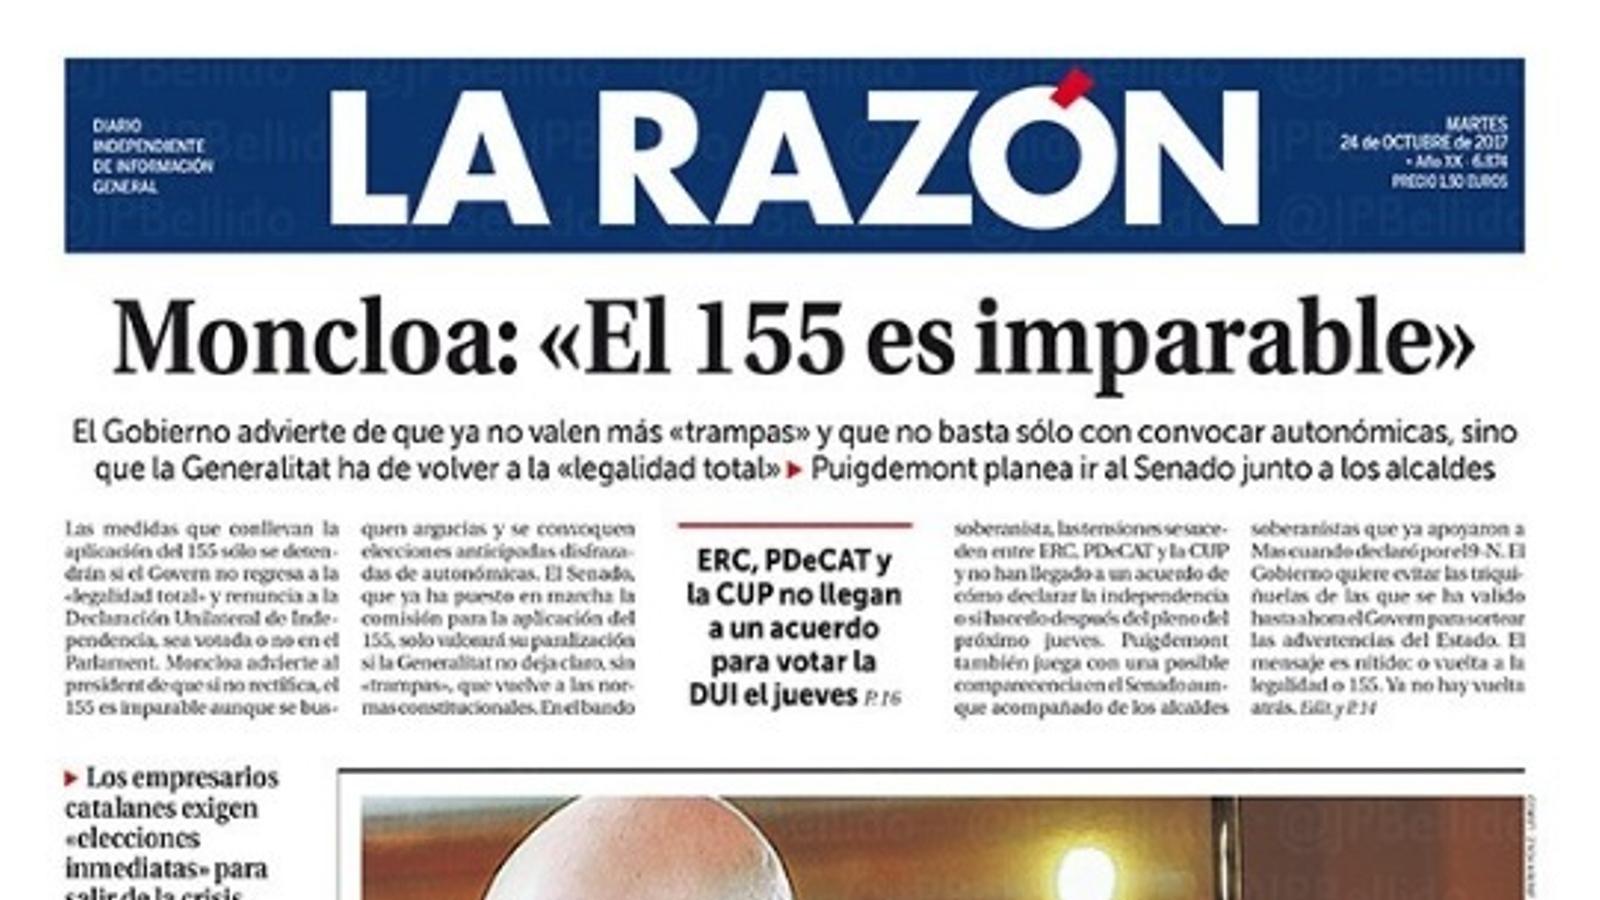 """""""Moncloa: 'El 155 és imparable'"""", portada de 'La Razón'"""